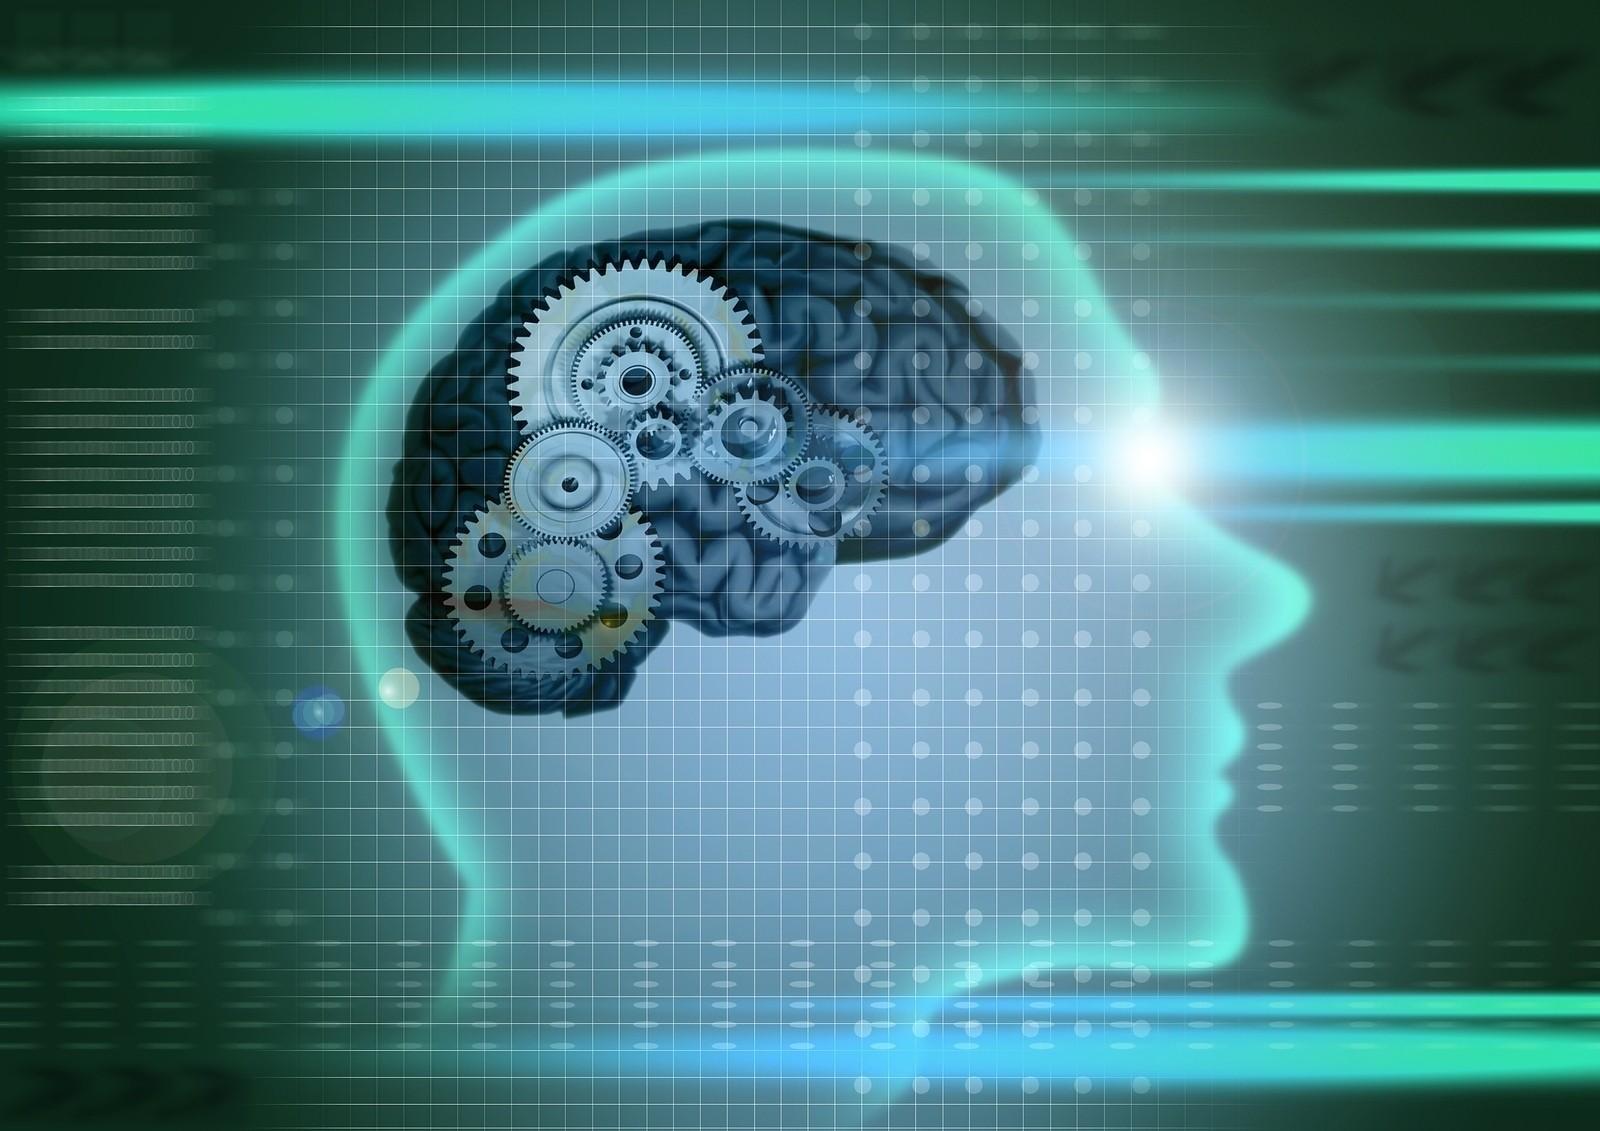 Как с помощью фильмов улучшить свои знания, интеллект?